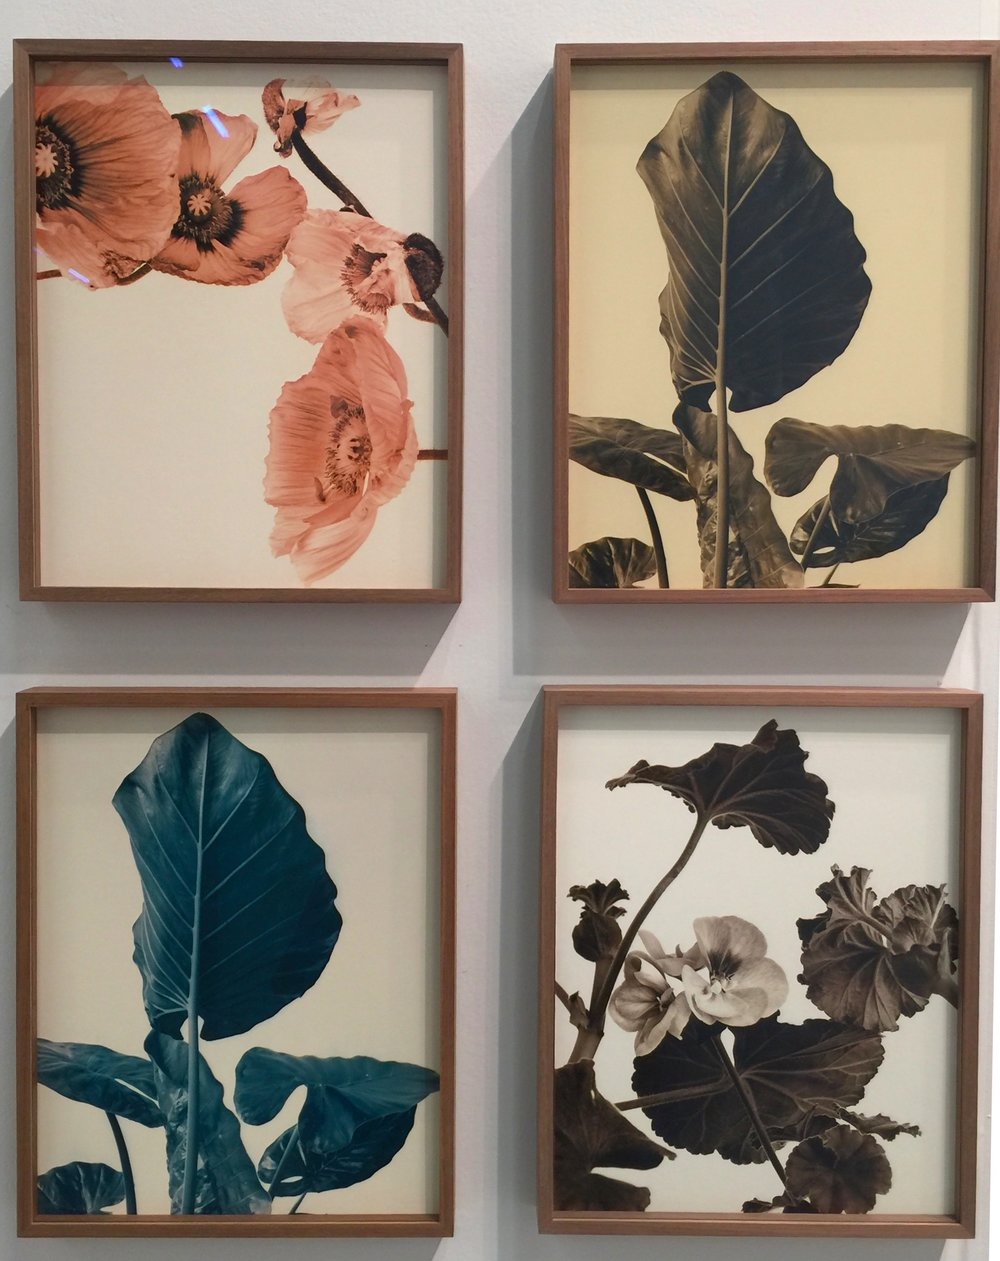 Ulrich Schmitt, Flower Studies, 2000-6, Exhibited by Galerie f5,6